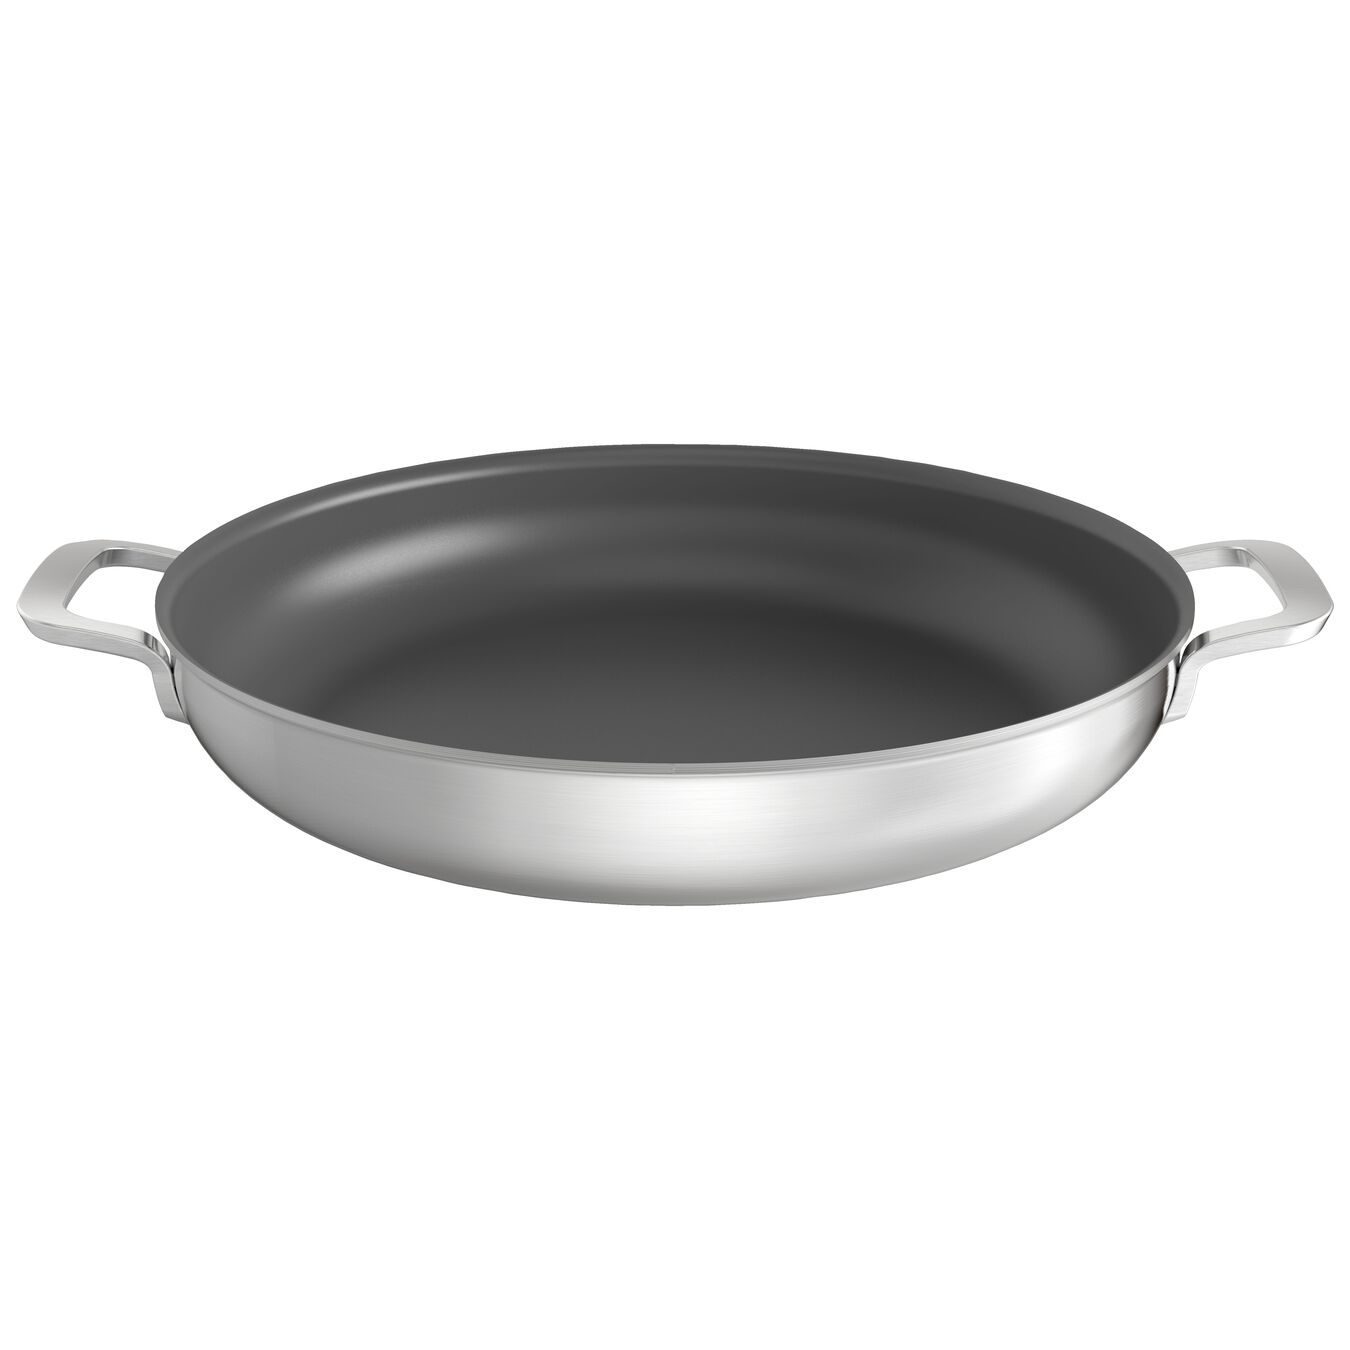 Servierpfanne, rund | PTFE,,large 1